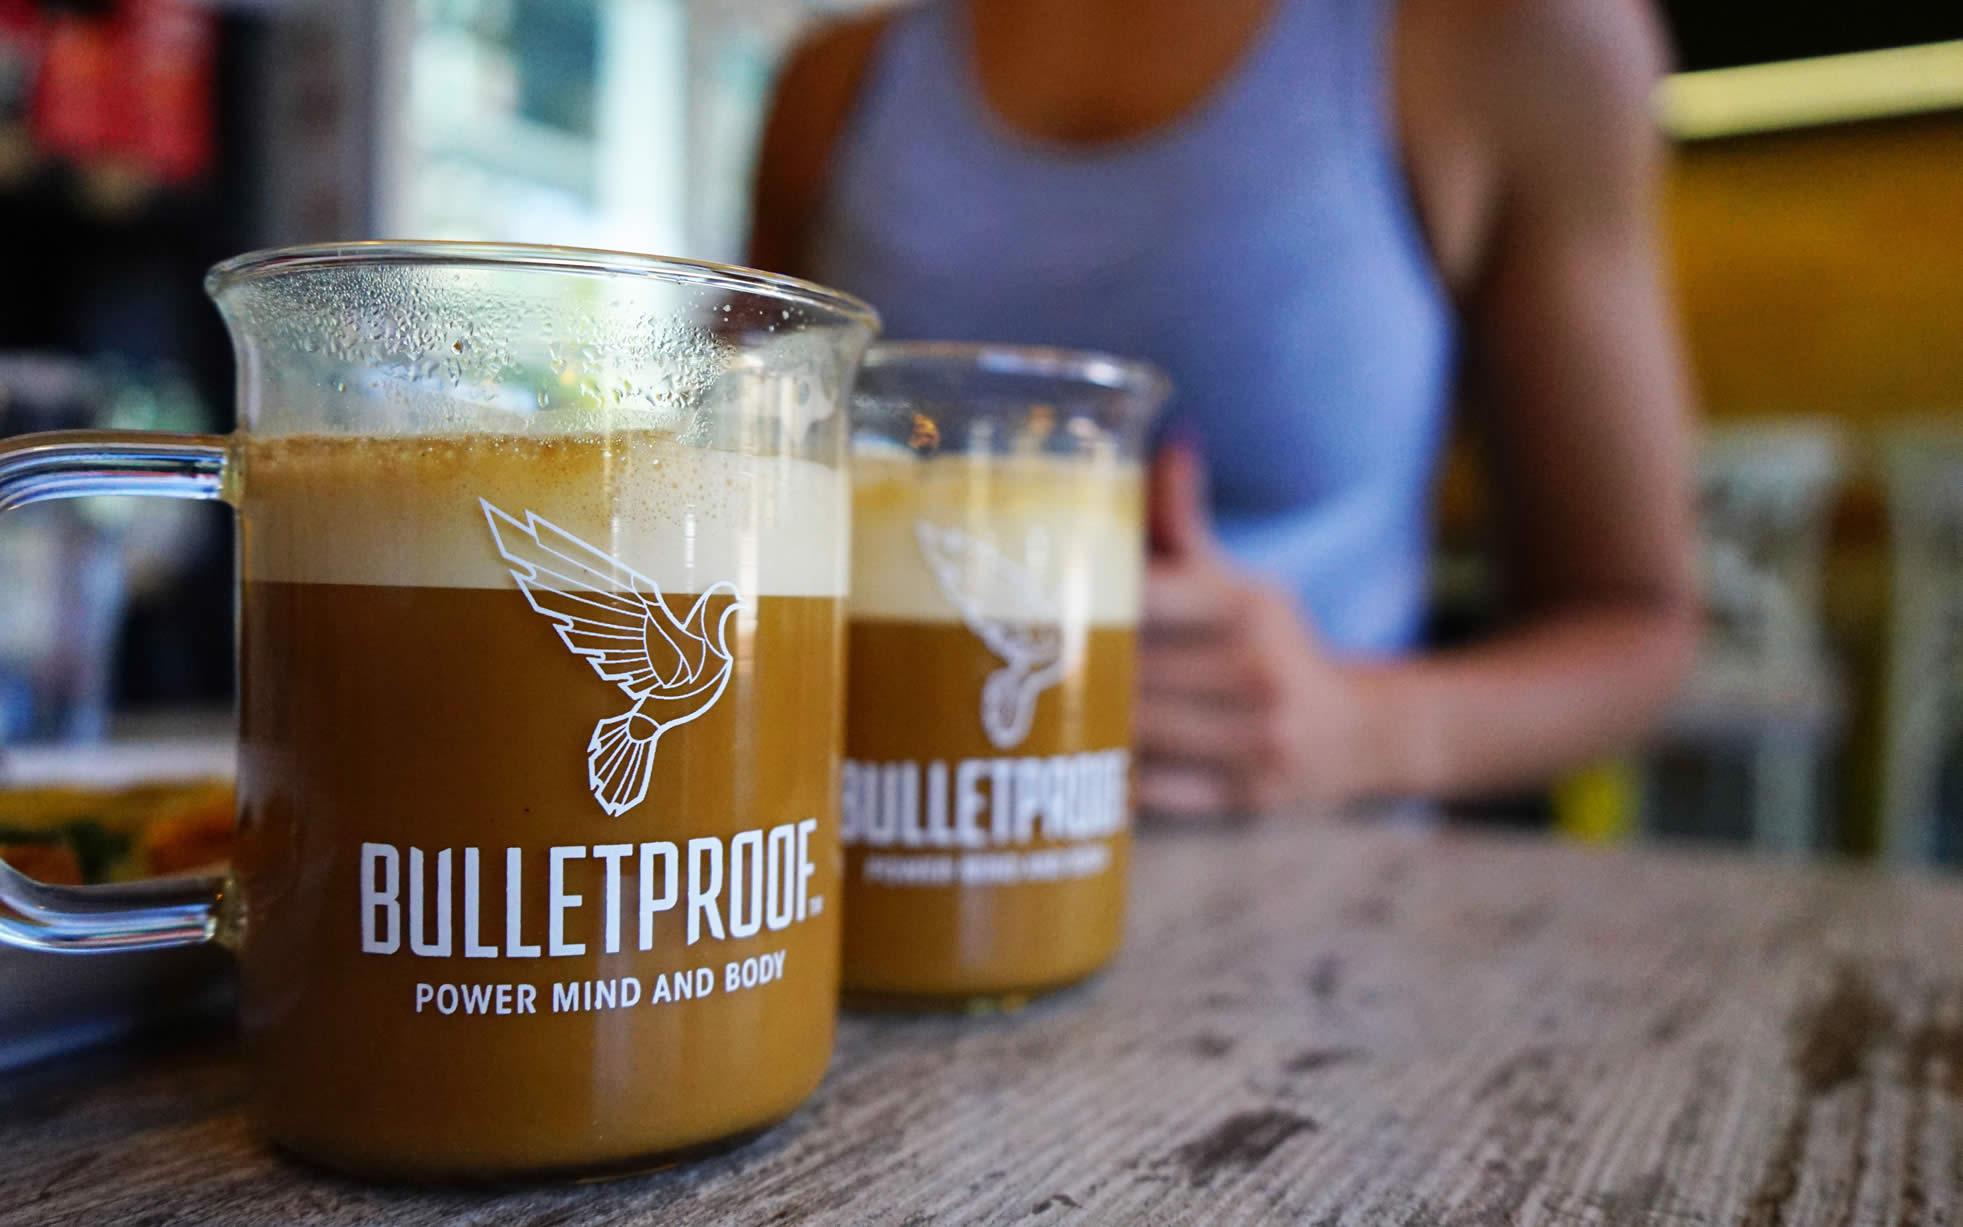 Karibu Cafe's Bulletproof Coffee in Australia